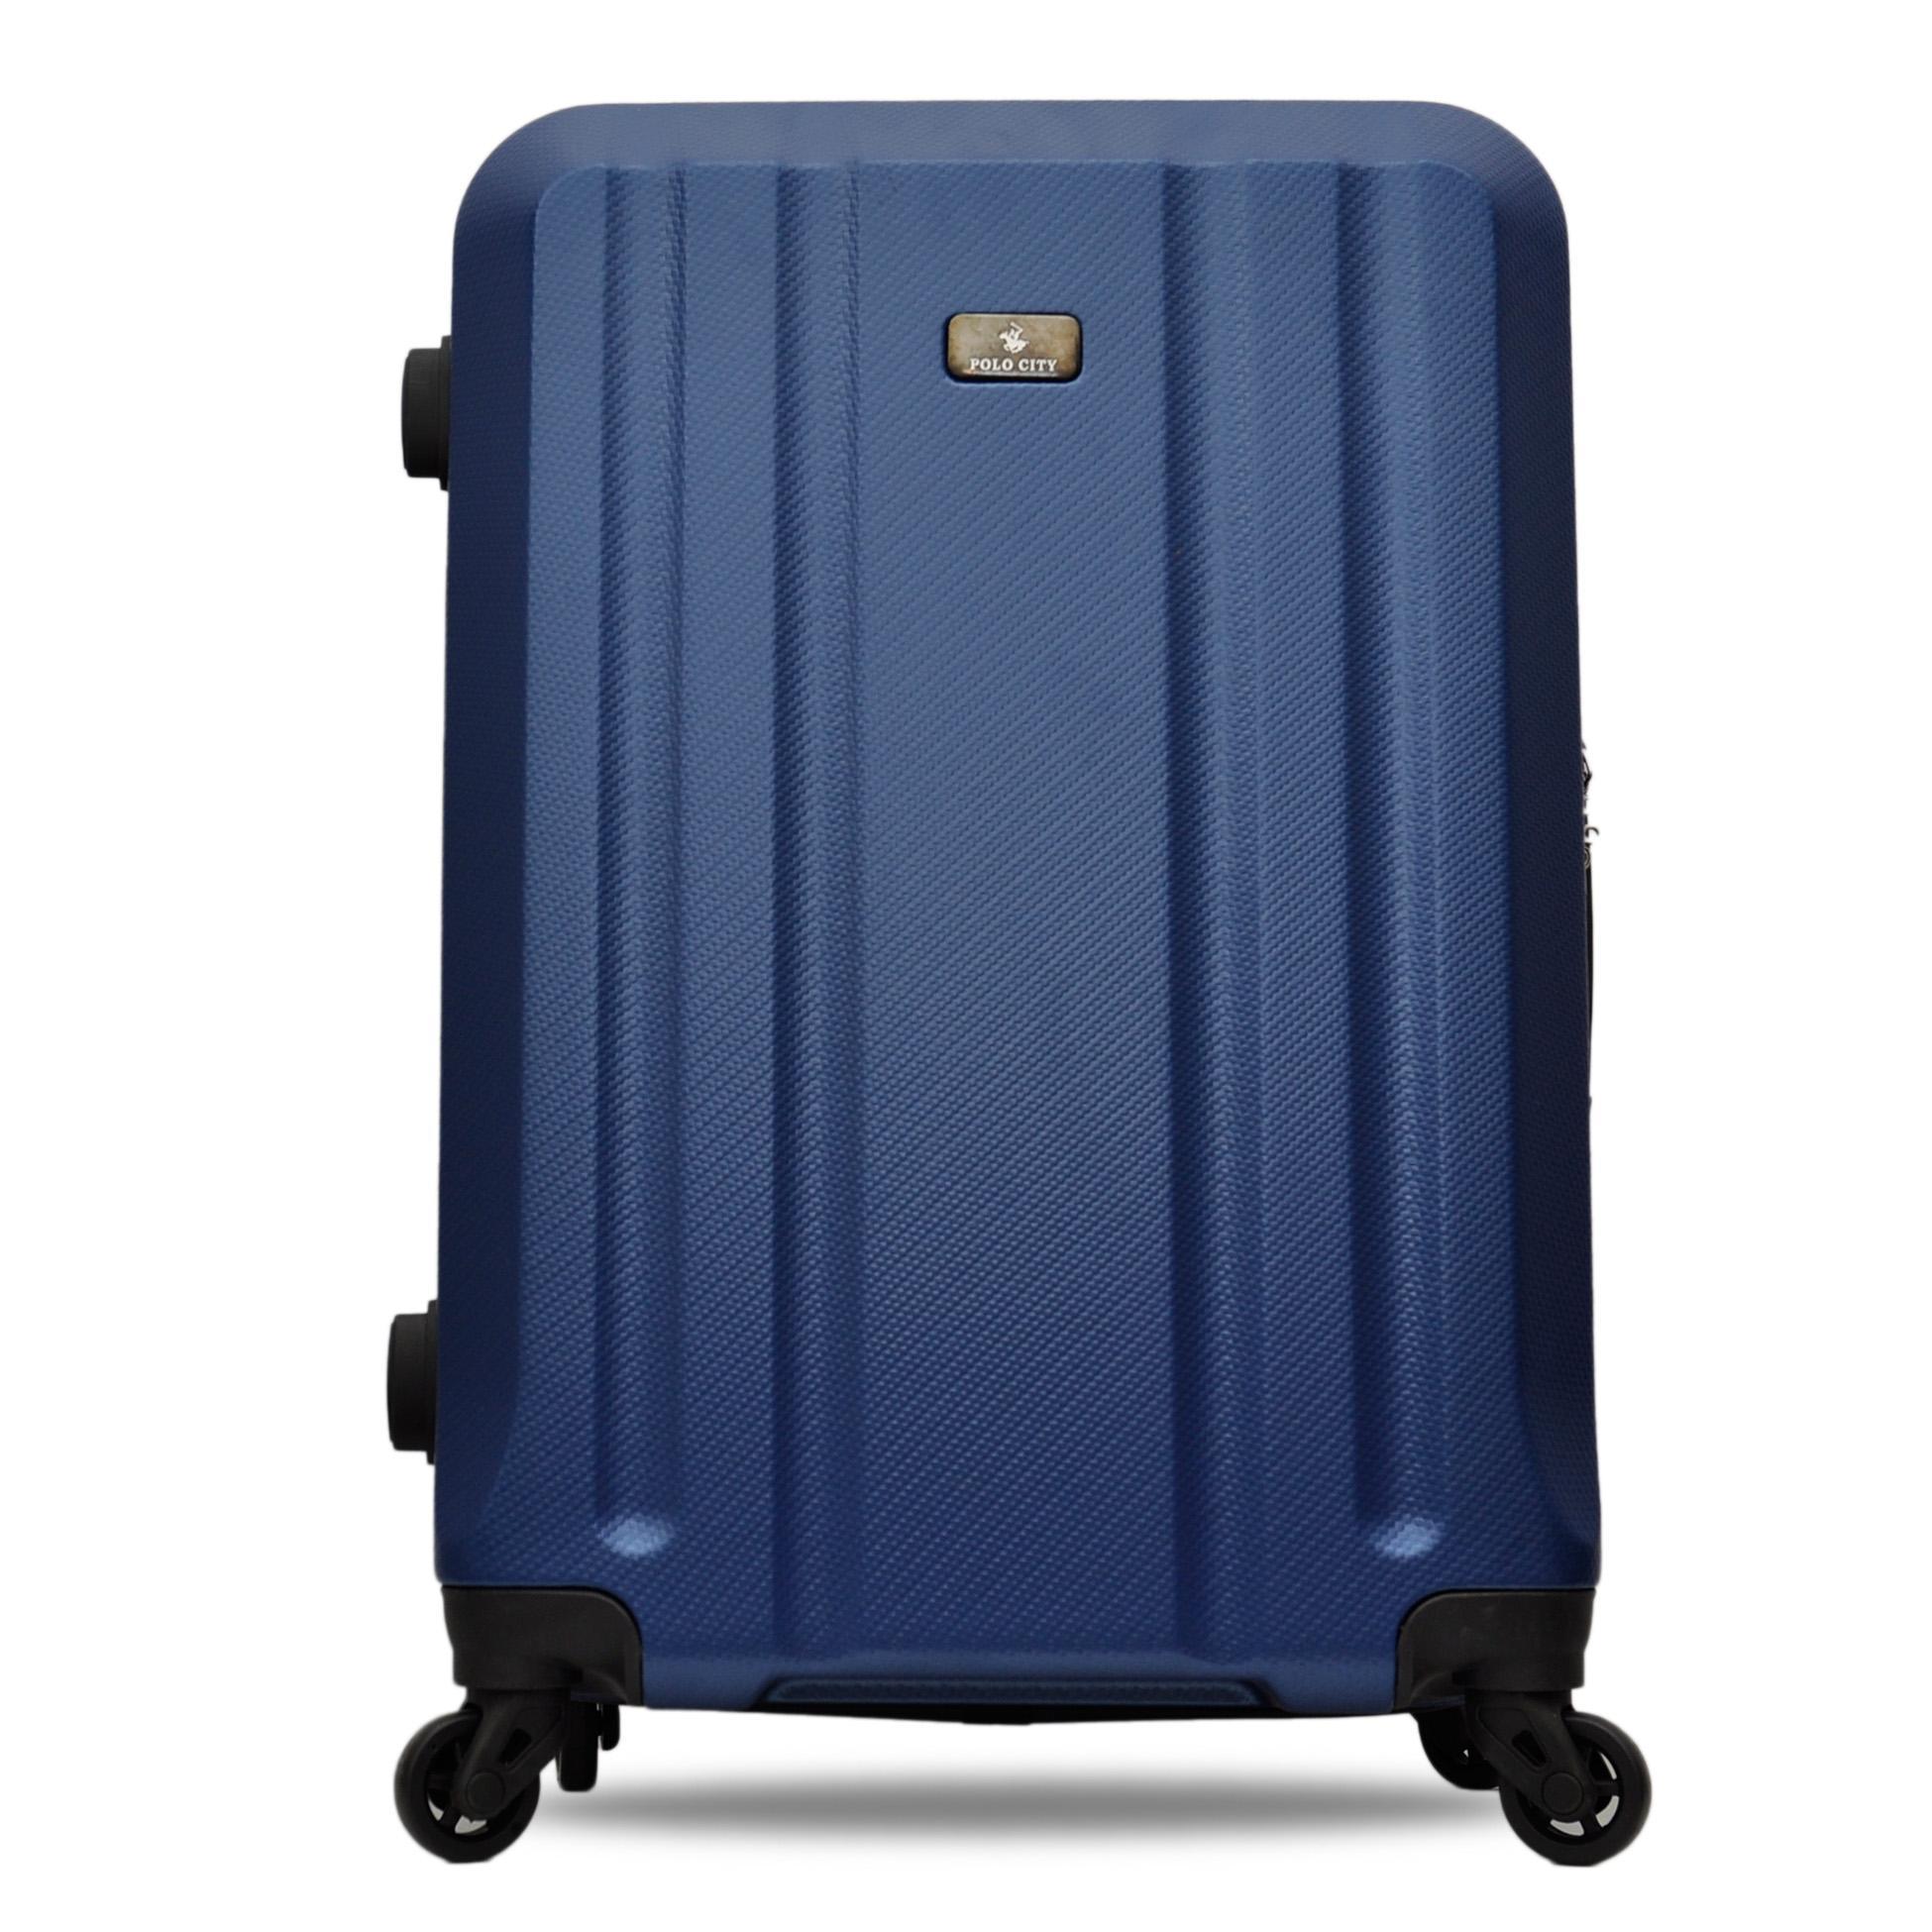 Polo City Tas Koper Hardcase Kabin Size 20 inch - 304